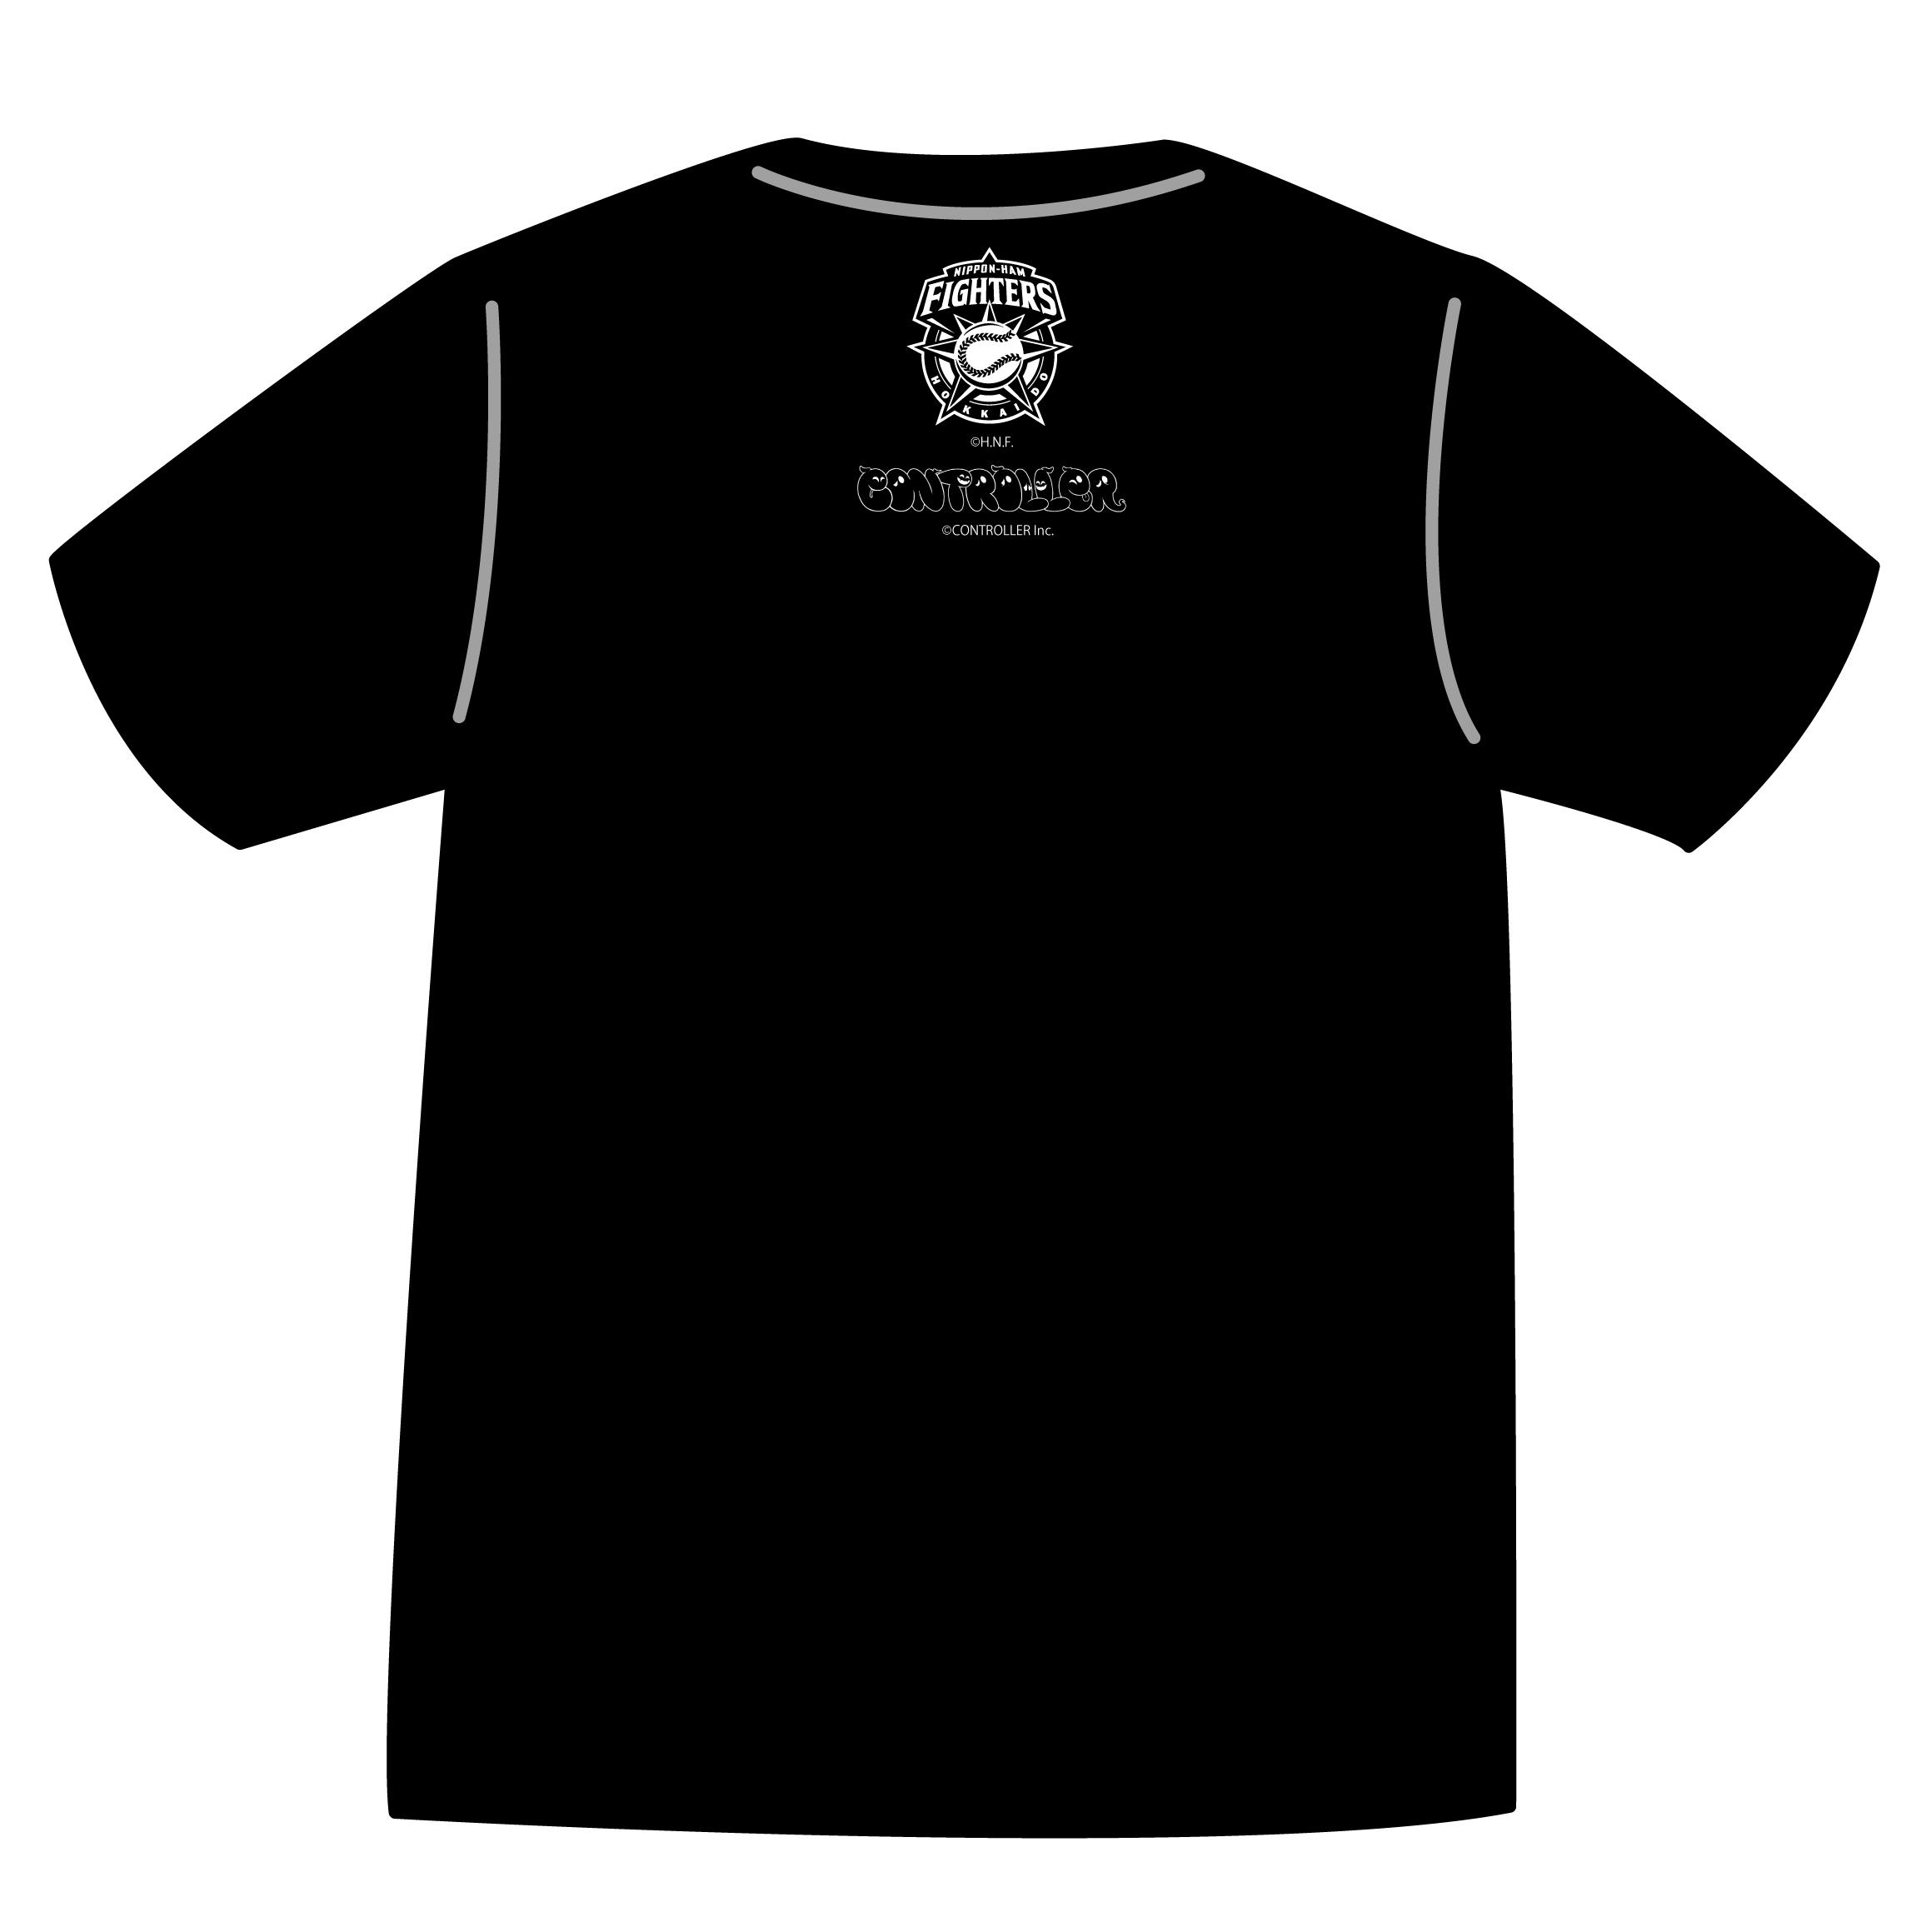 ドットファイターズ 「なかた」 Tシャツ ブラック